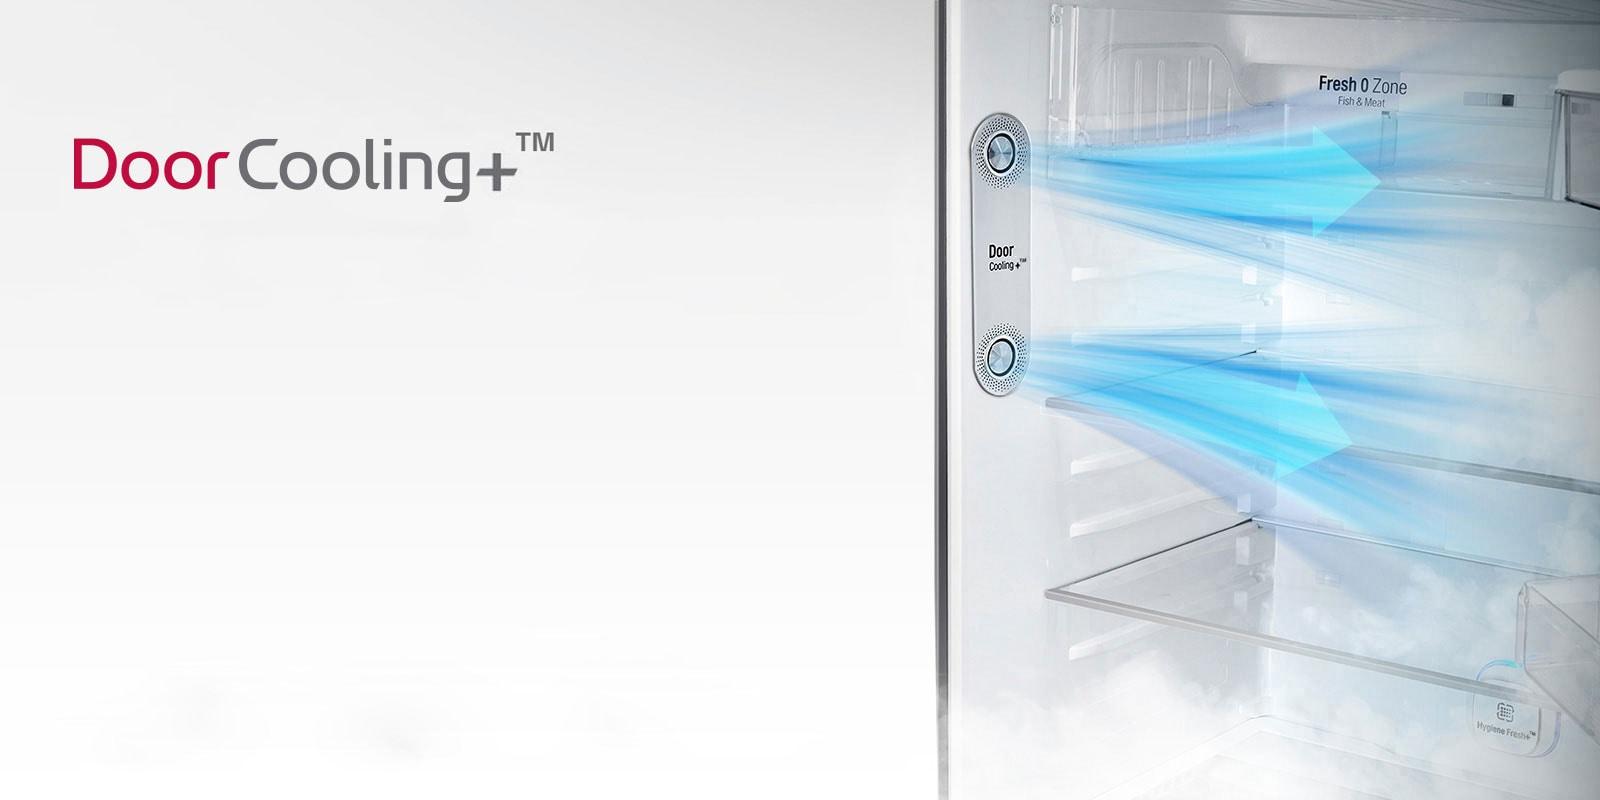 LG GL-T302RSCY 284 Ltr Door Cooling+